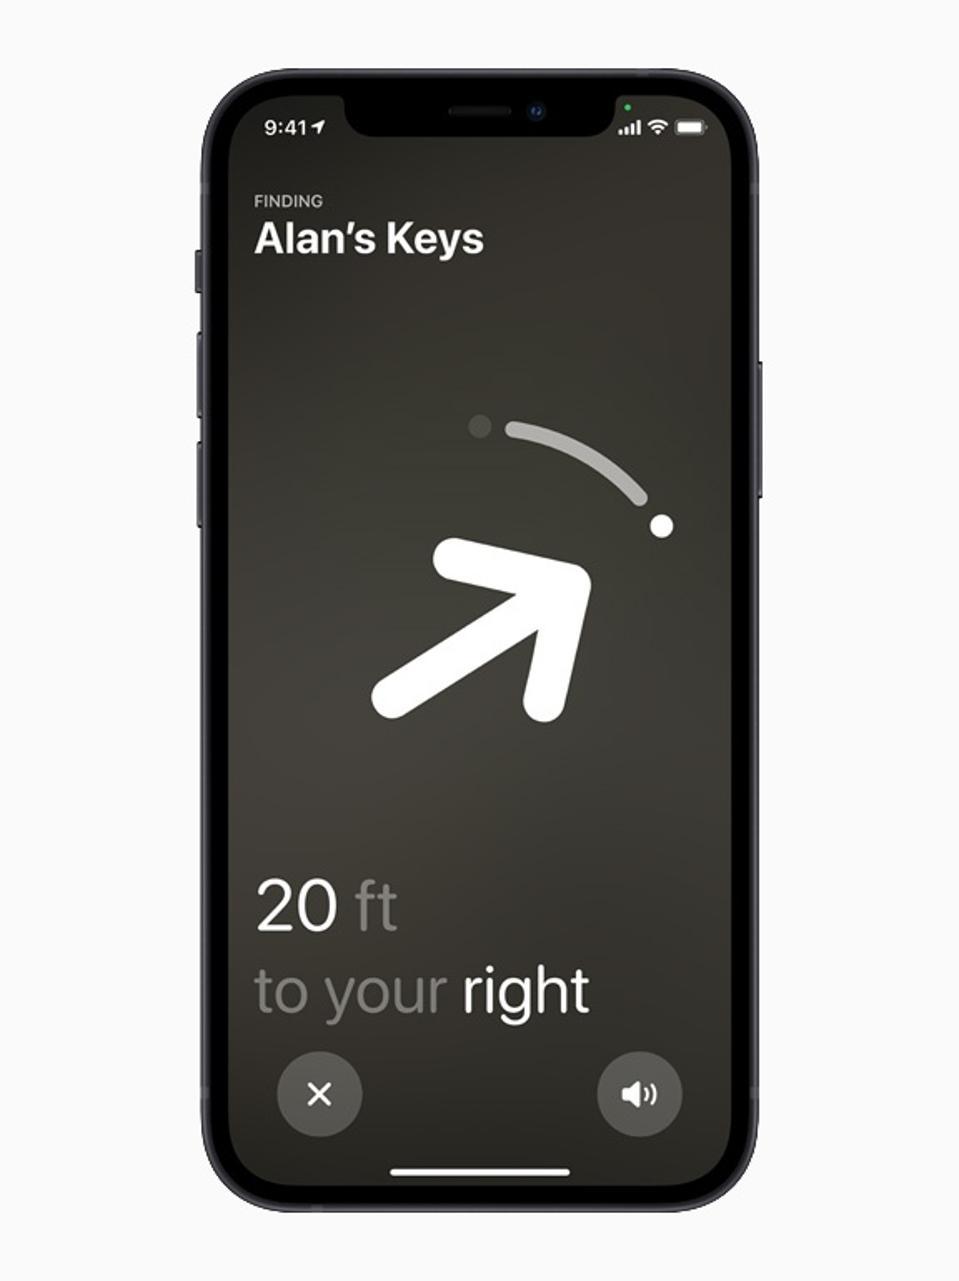 Le nouvel outil de suivi des articles et de localisation d'Apple AirTag.